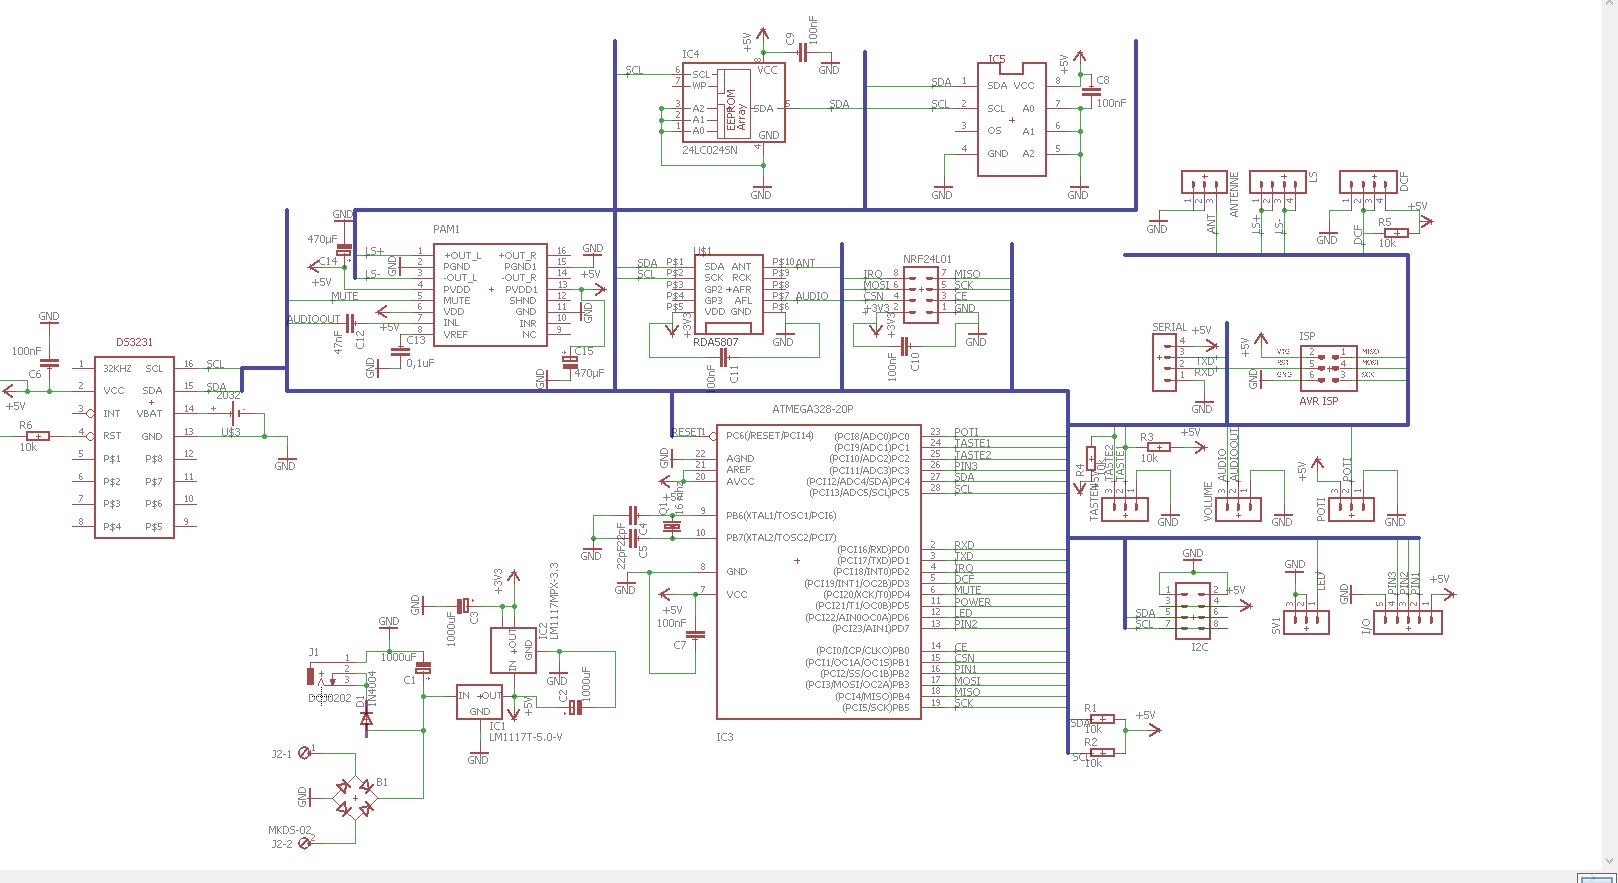 Passt das Layout? - Mikrocontroller.net